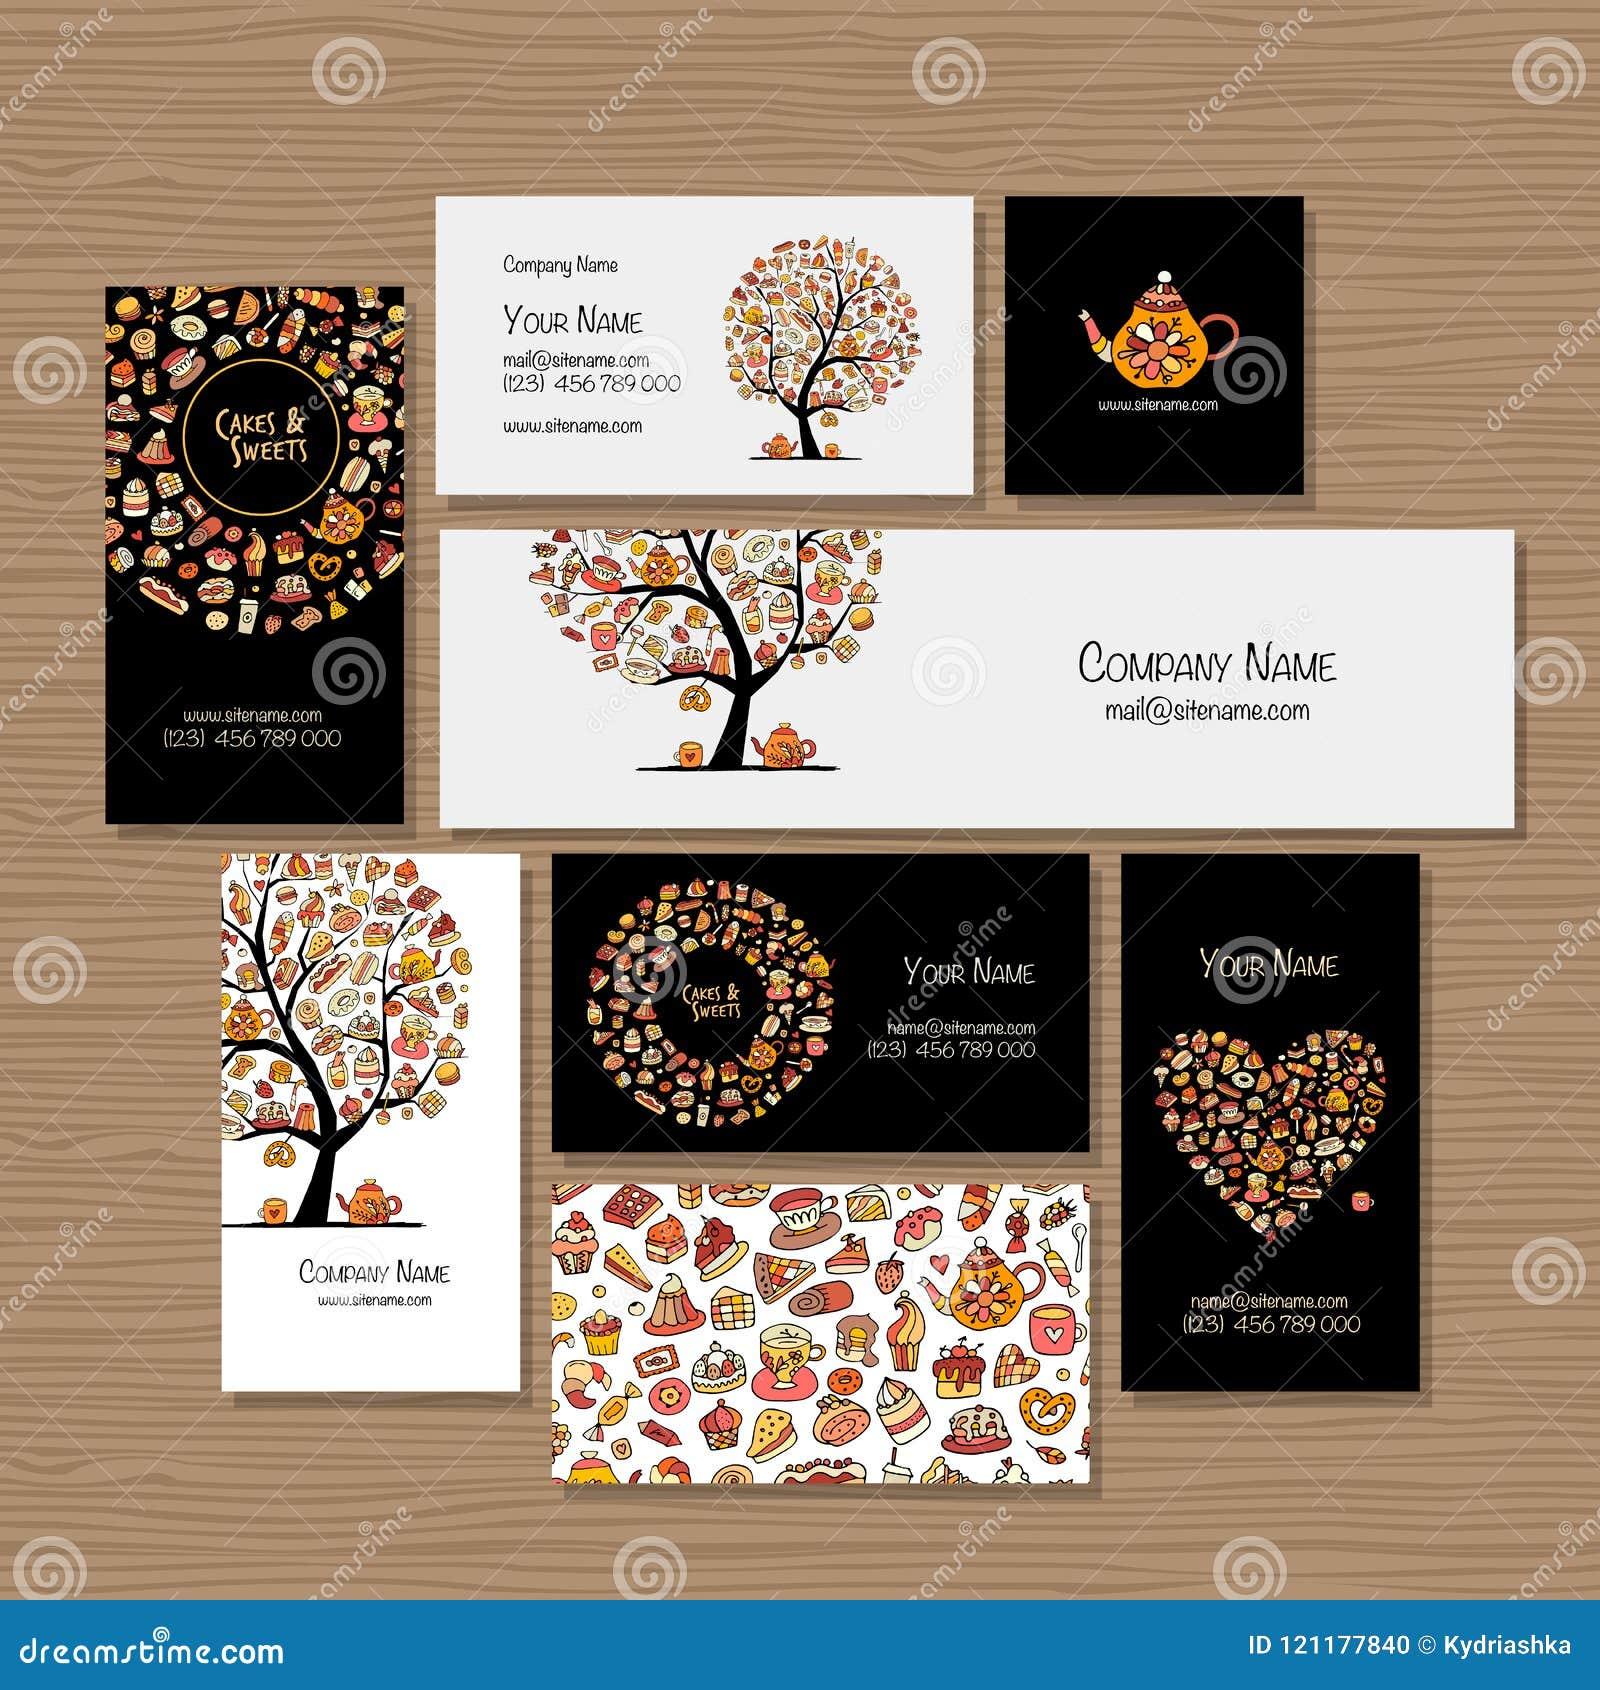 Cartes De Visite Professionnelle Ide Conception Pour La Socit Boutique